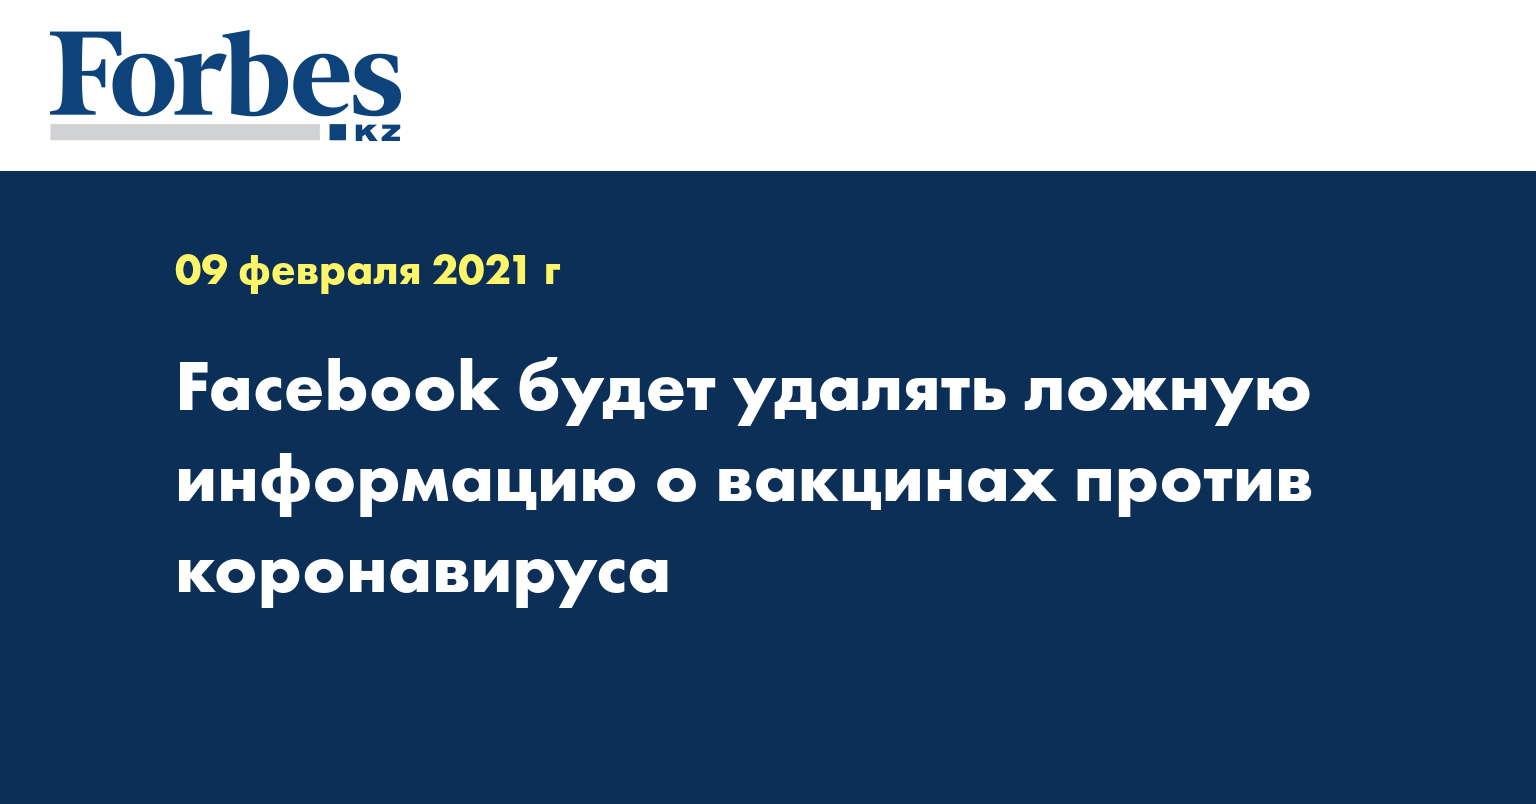 Facebook будет удалять ложную информацию о вакцинах против коронавируса